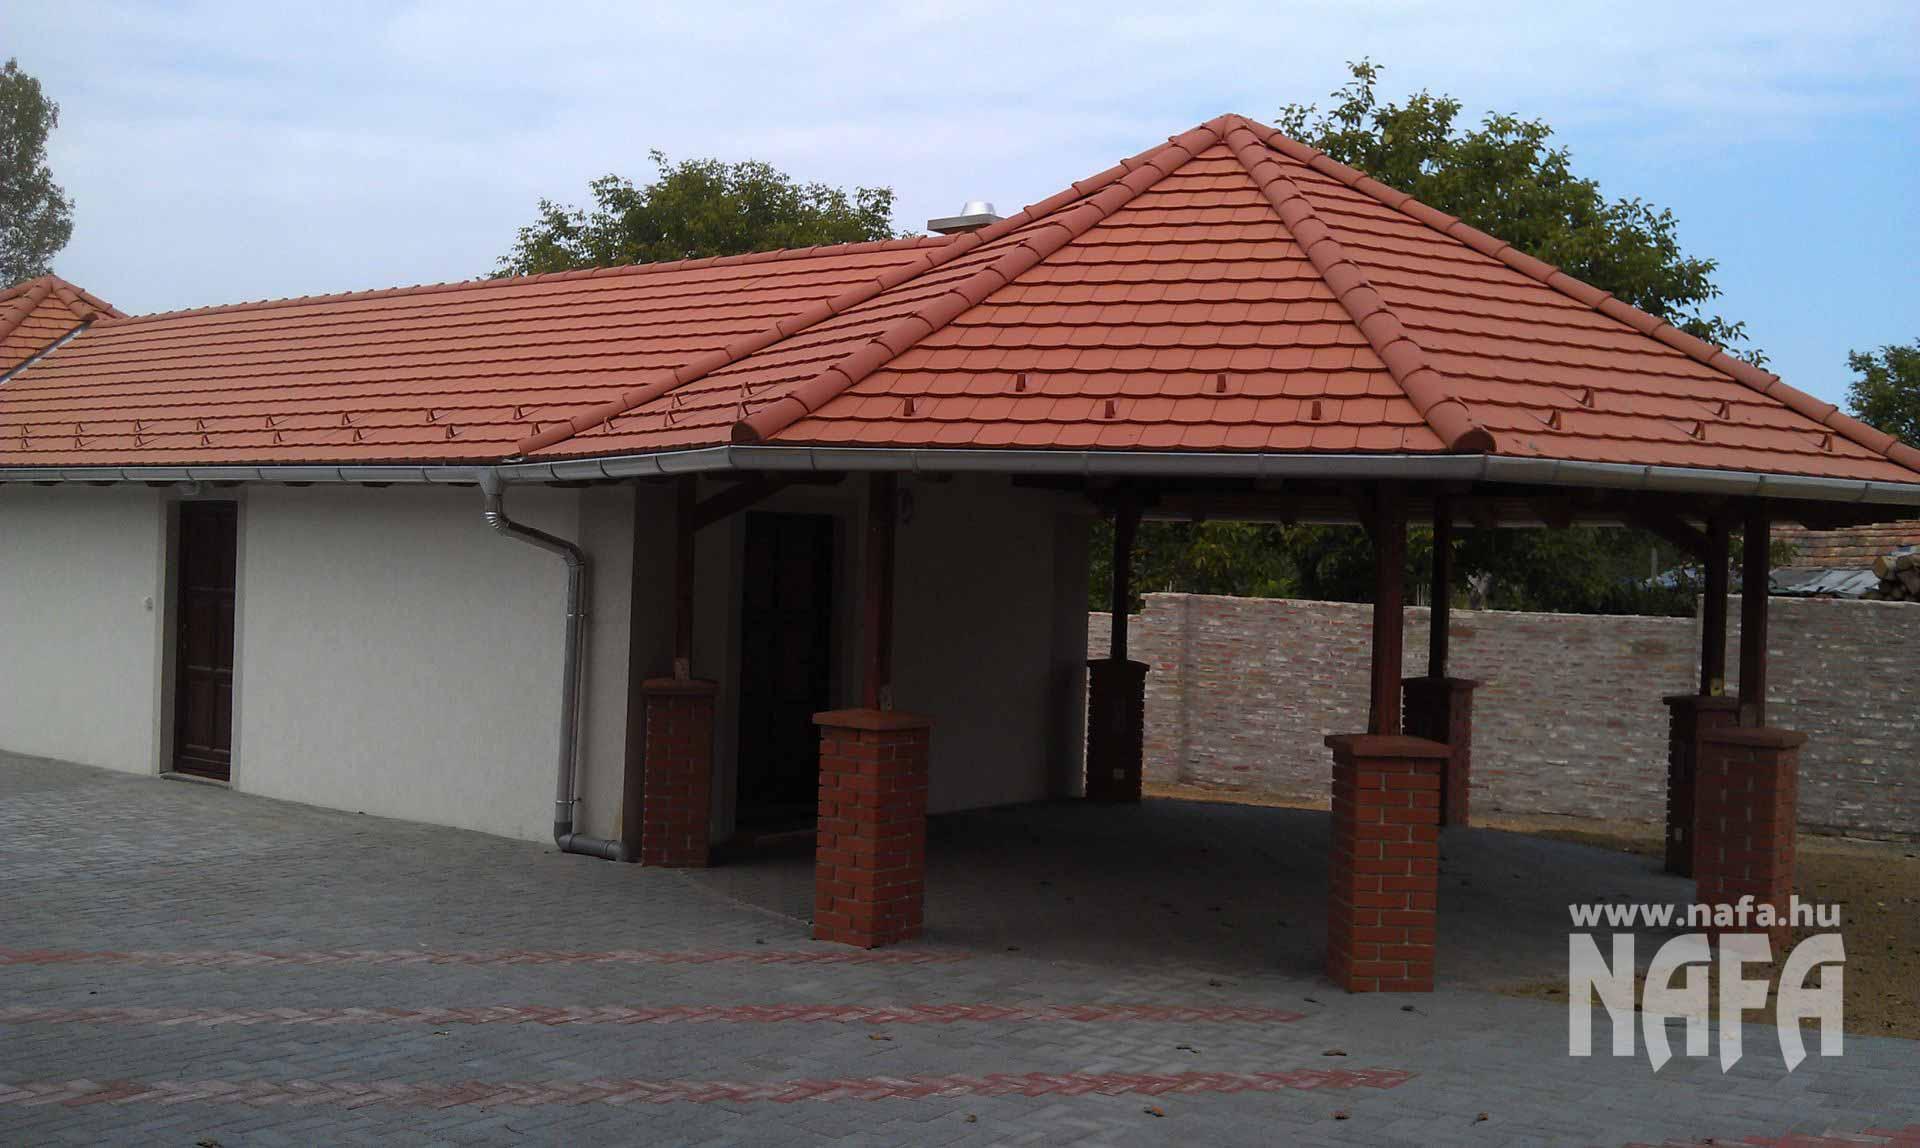 Fa nyílászárók, egyedi festett bejáratiajtók, Somogyszob Iskola